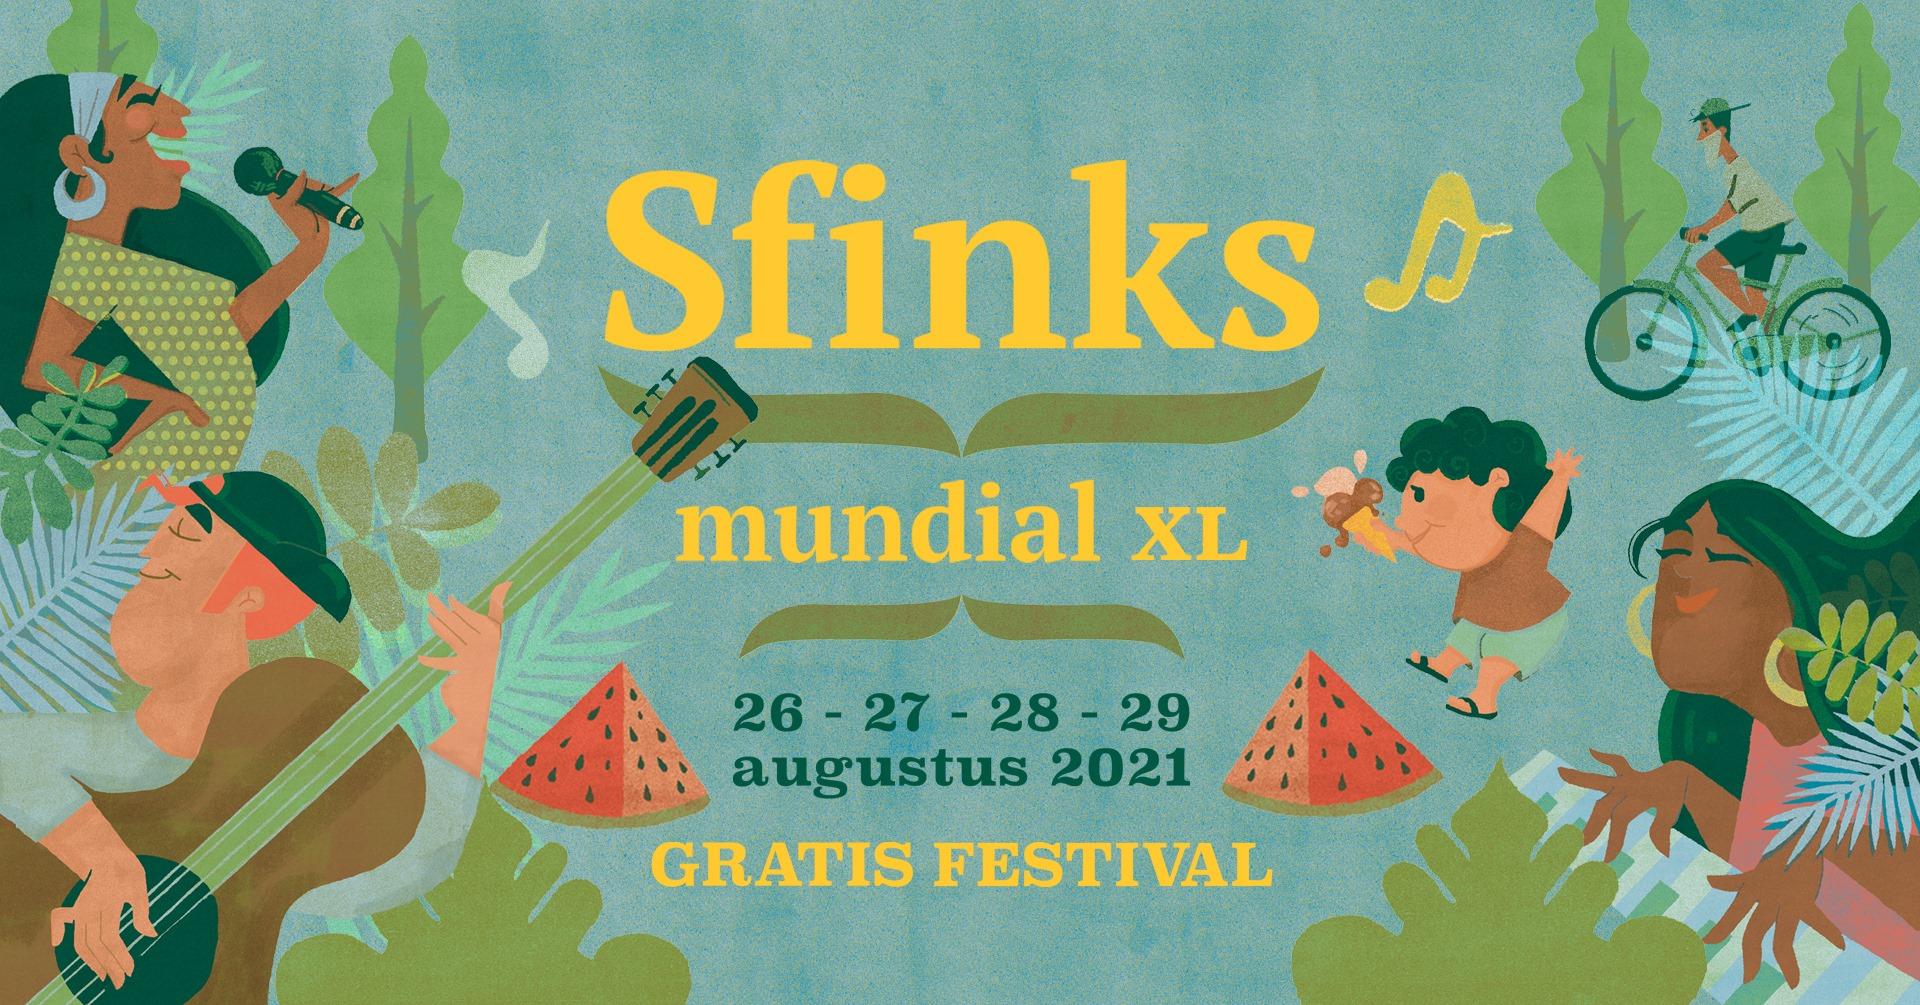 Sfinks Festival Belgium August 2021